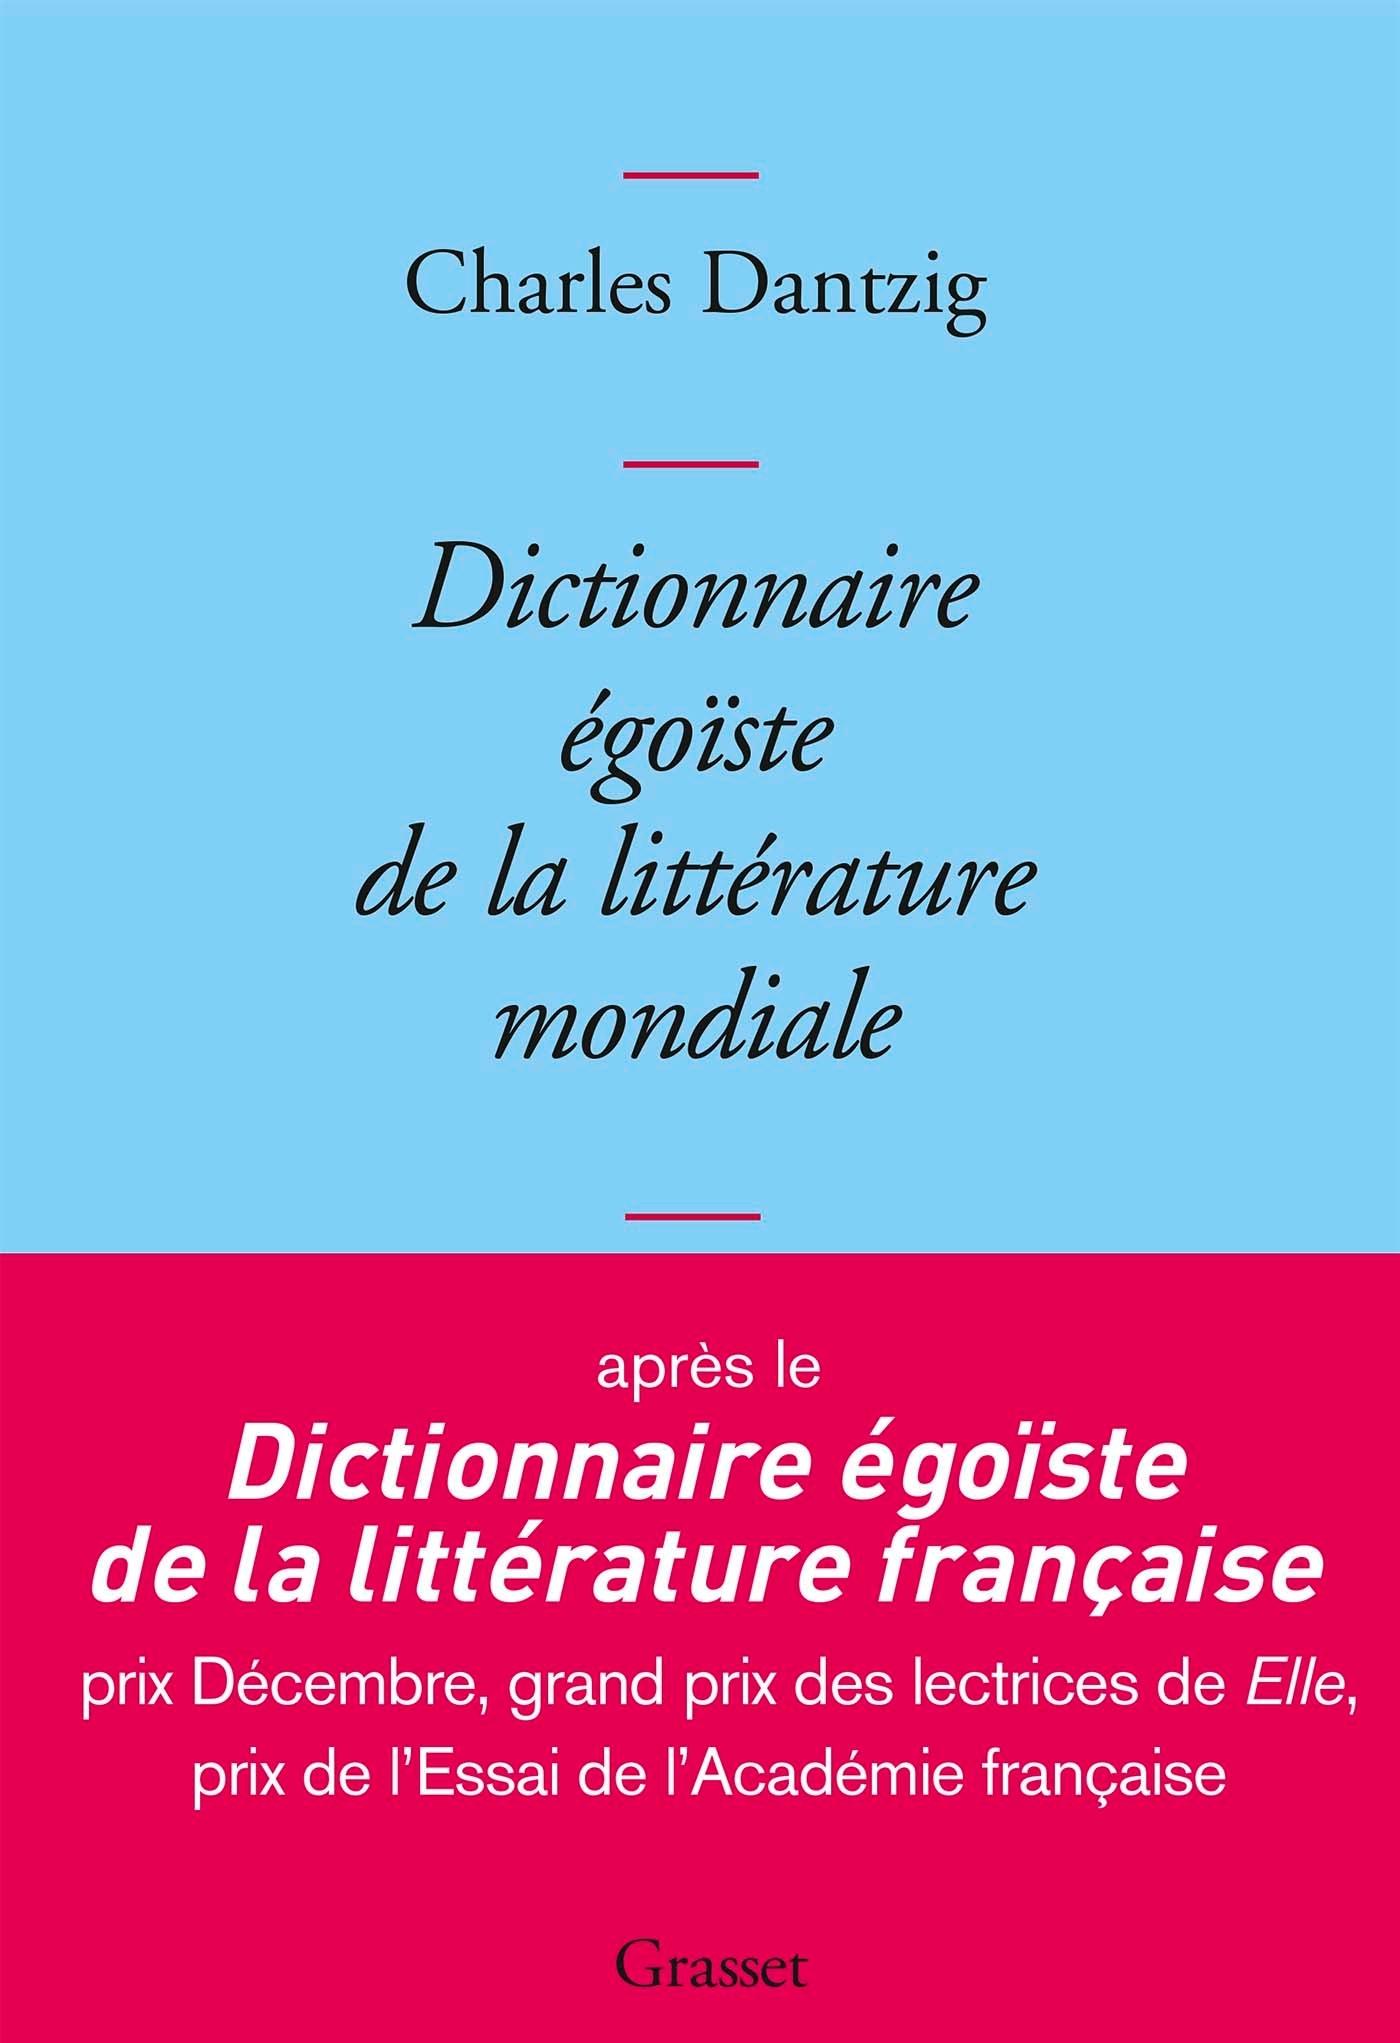 DICTIONNAIRE EGOISTE DE LA LITTERATURE MONDIALE